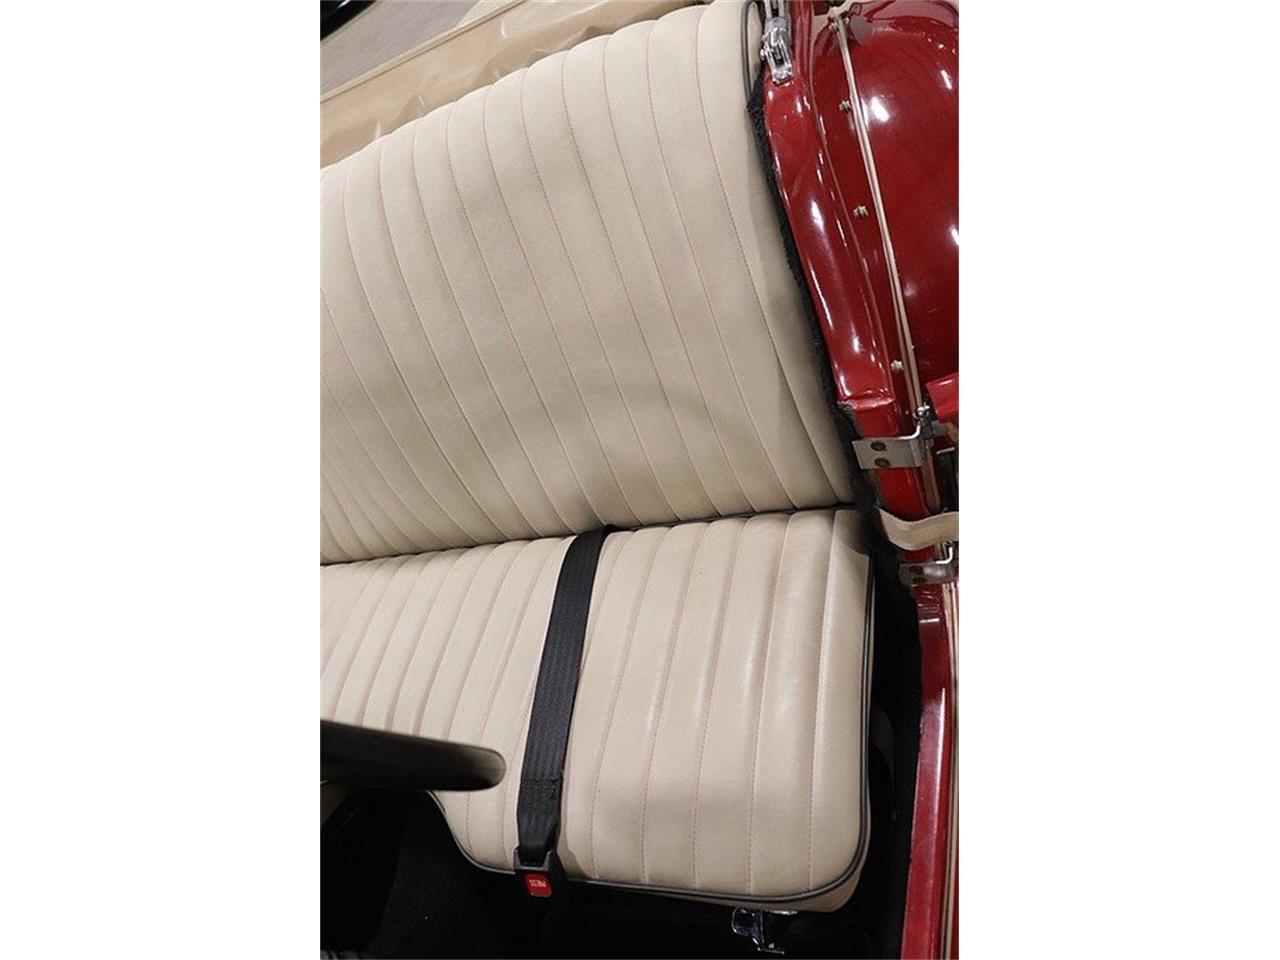 1957 MG TD for Sale | ClassicCars.com | CC-1163623